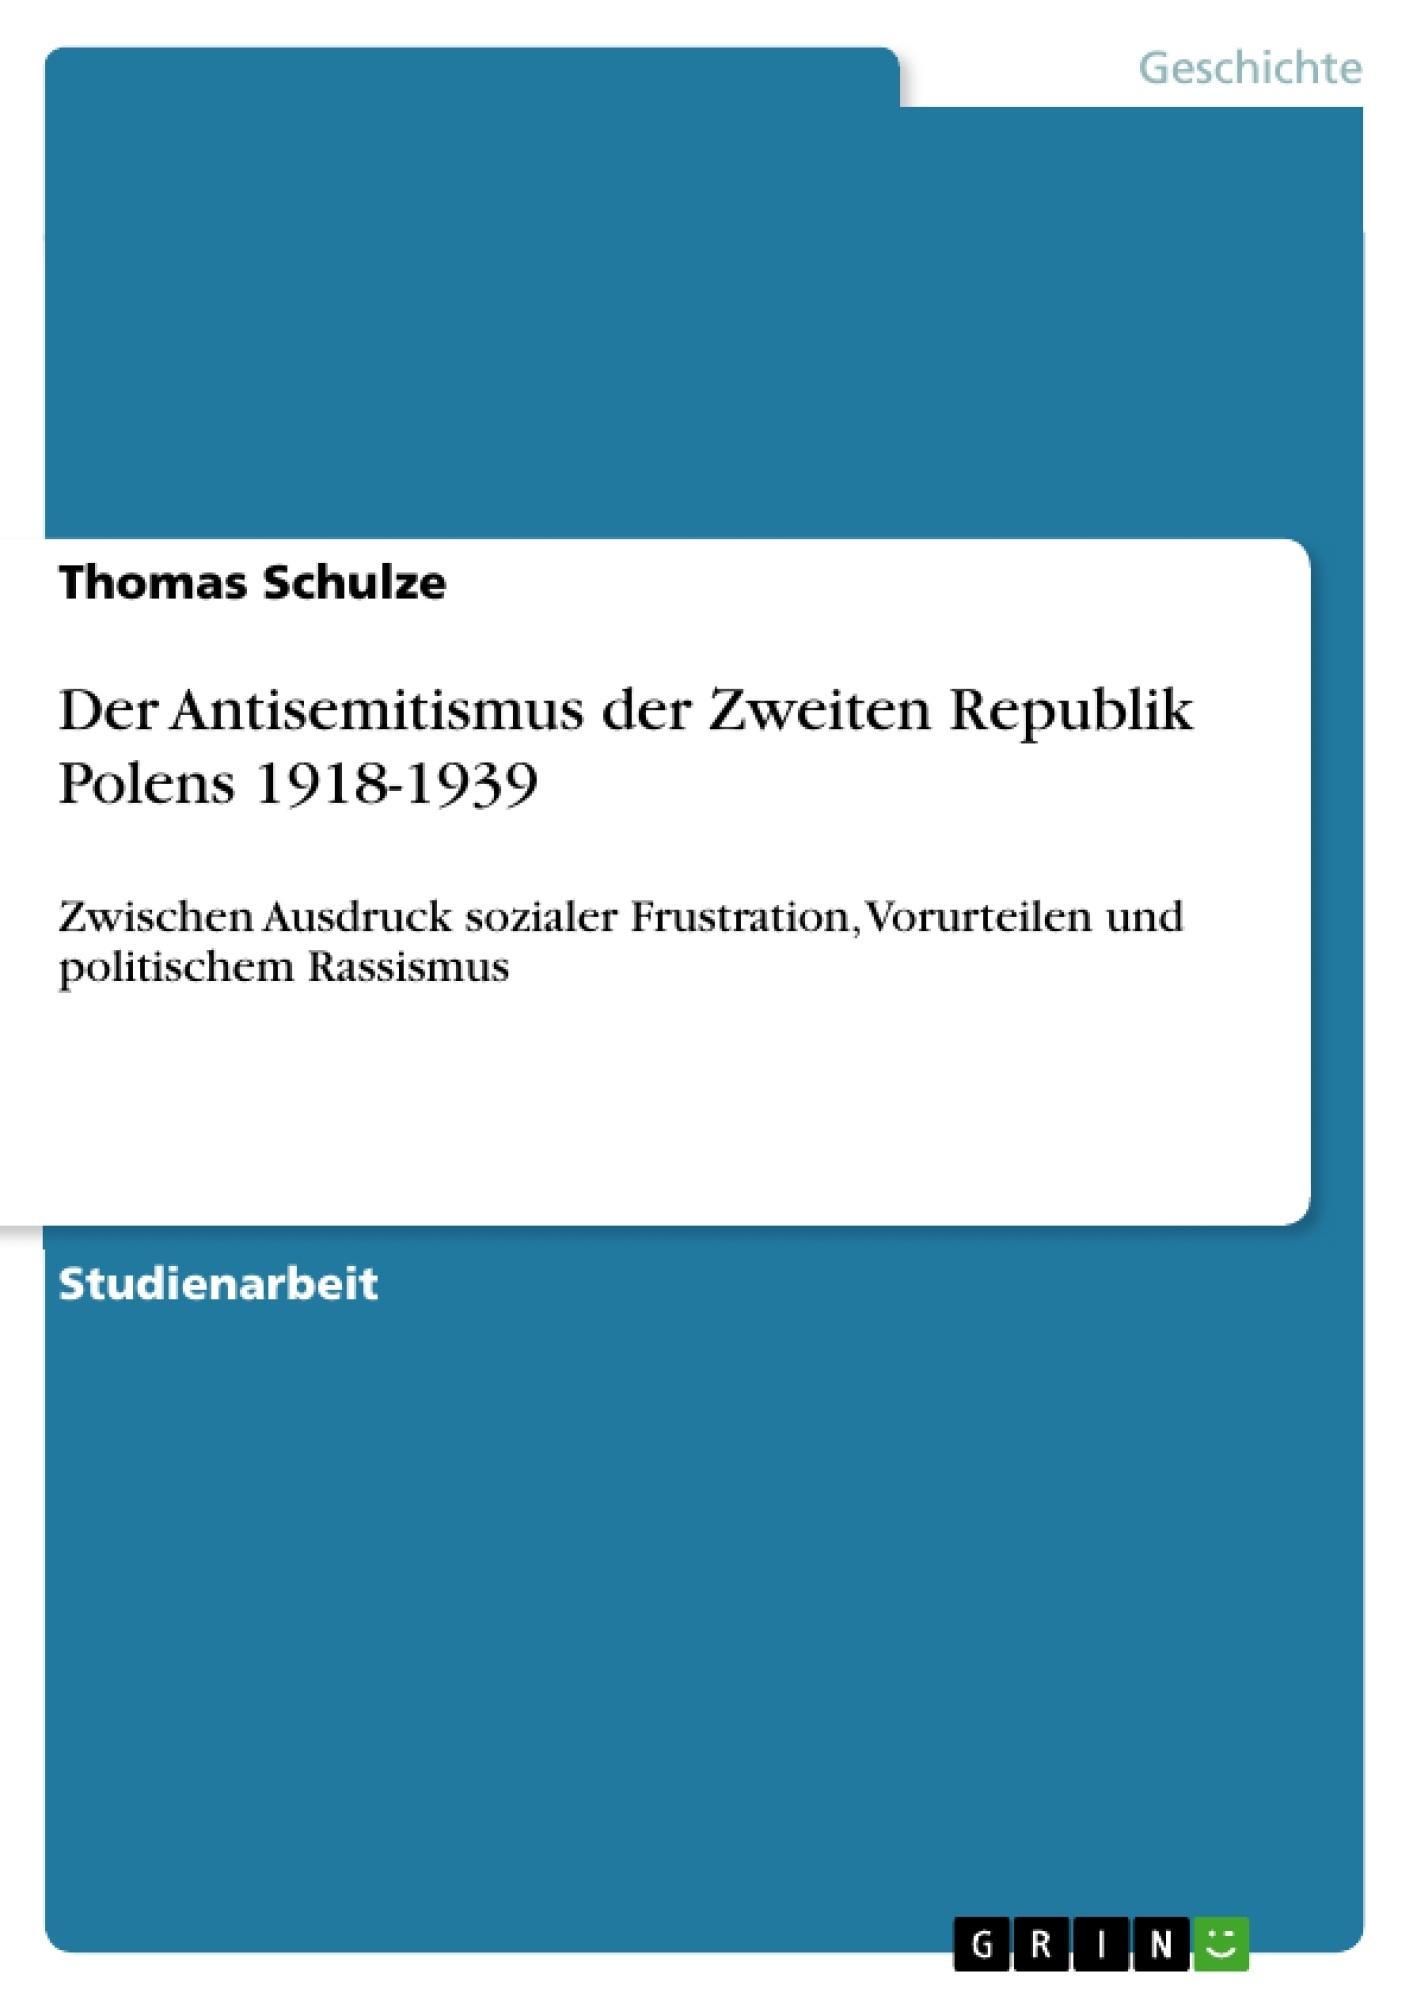 Titel: Der Antisemitismus der Zweiten Republik Polens 1918-1939